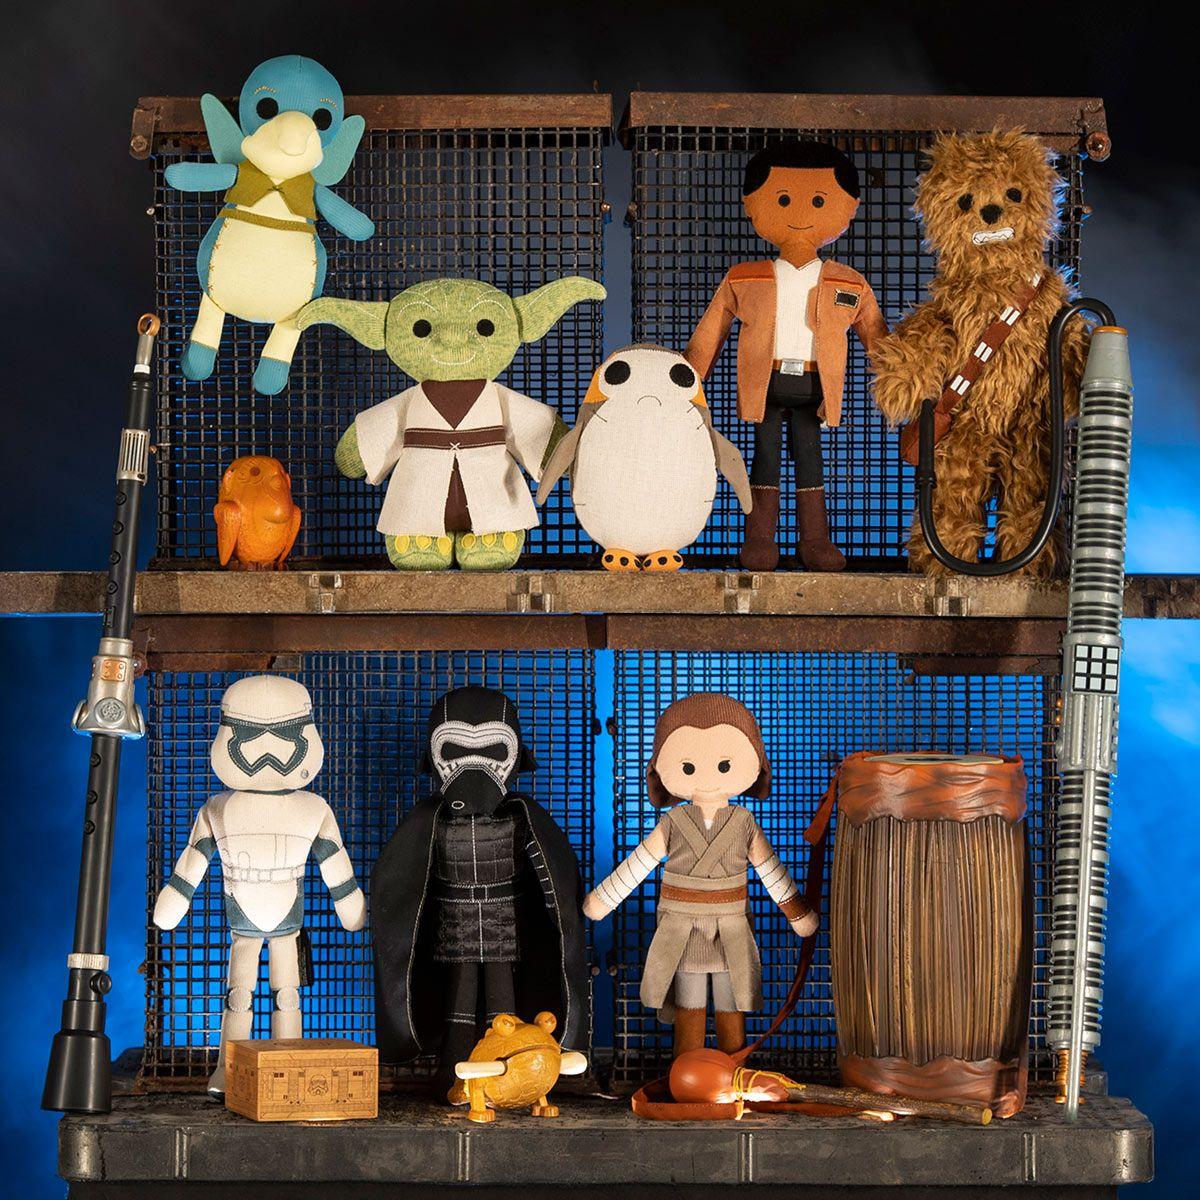 A messzi galaxis kedvenc játékai a toydariai hölgy, Zabaka boltjában kaphatók.